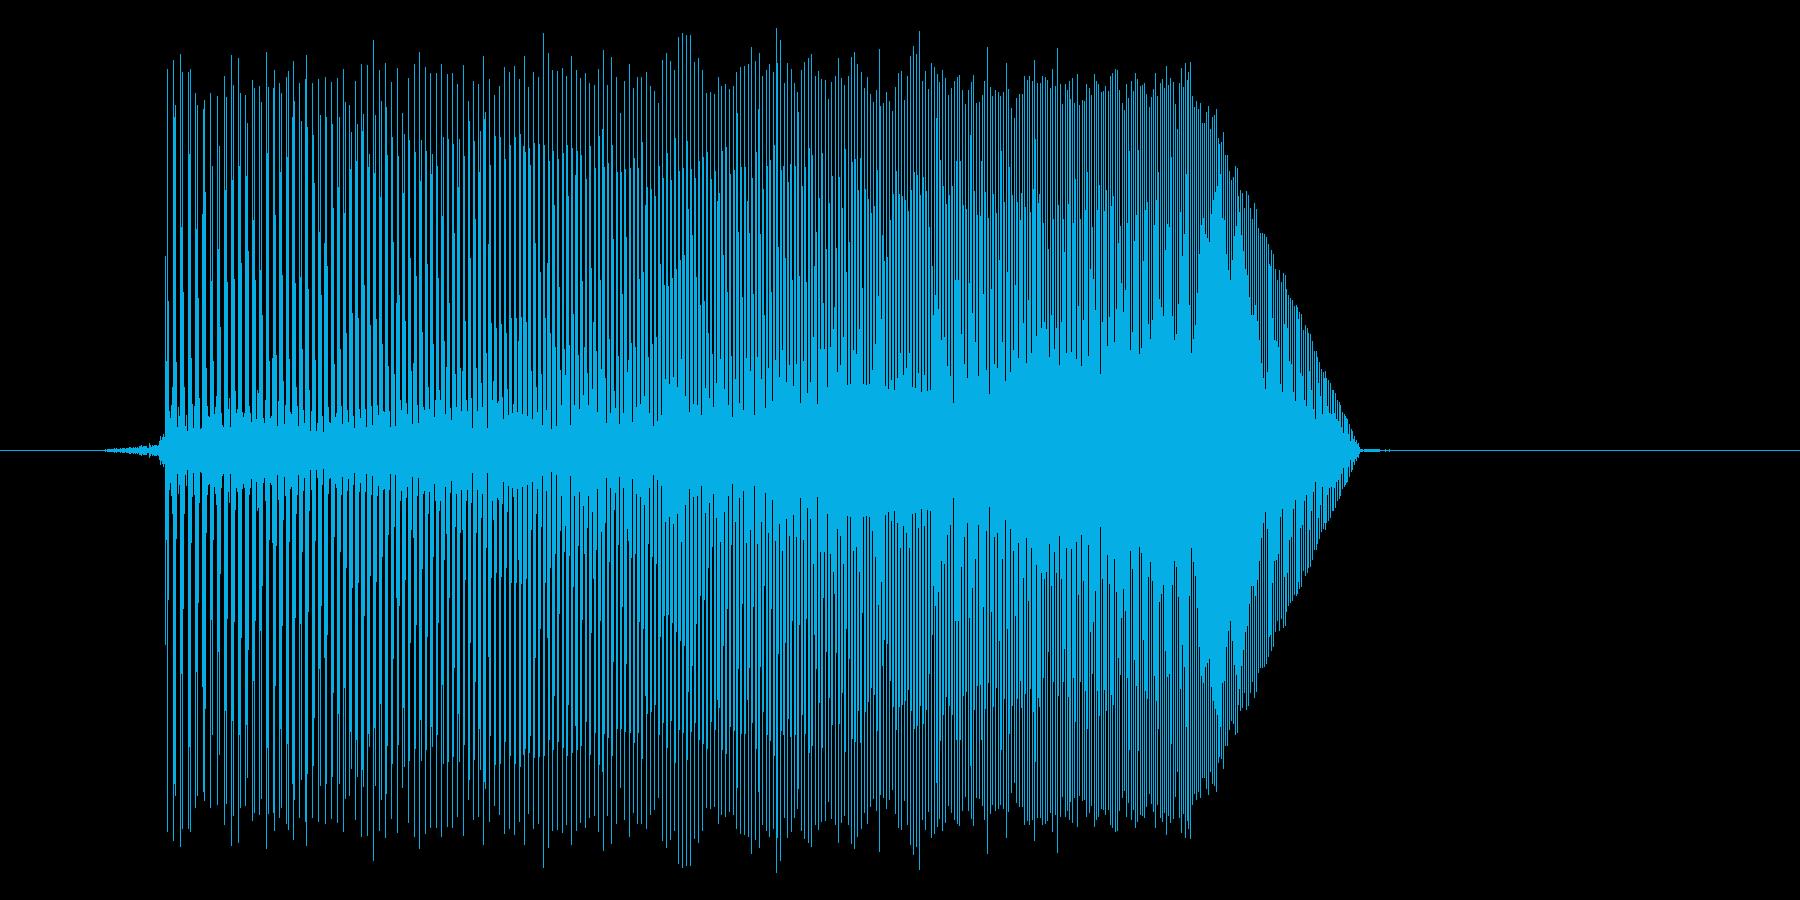 ゲーム(ファミコン風)ジャンプ音_047の再生済みの波形